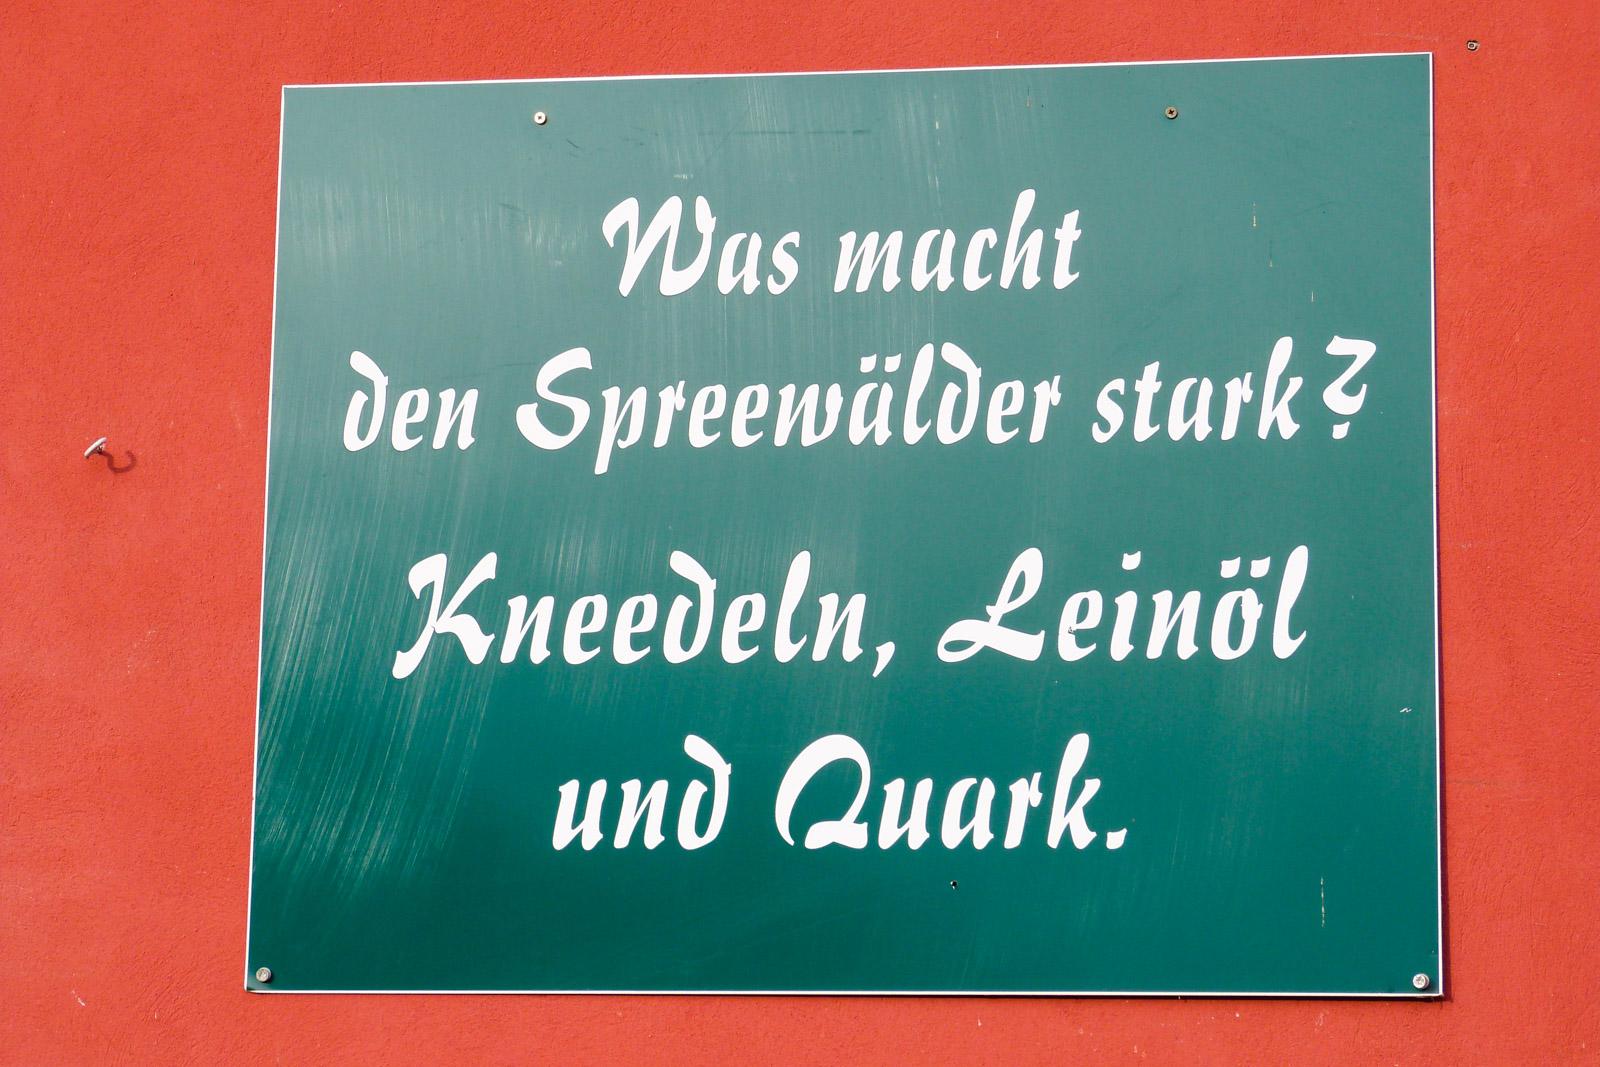 Das Essen in Brandenburg hab ich ganz vergessen zu erwähnen.